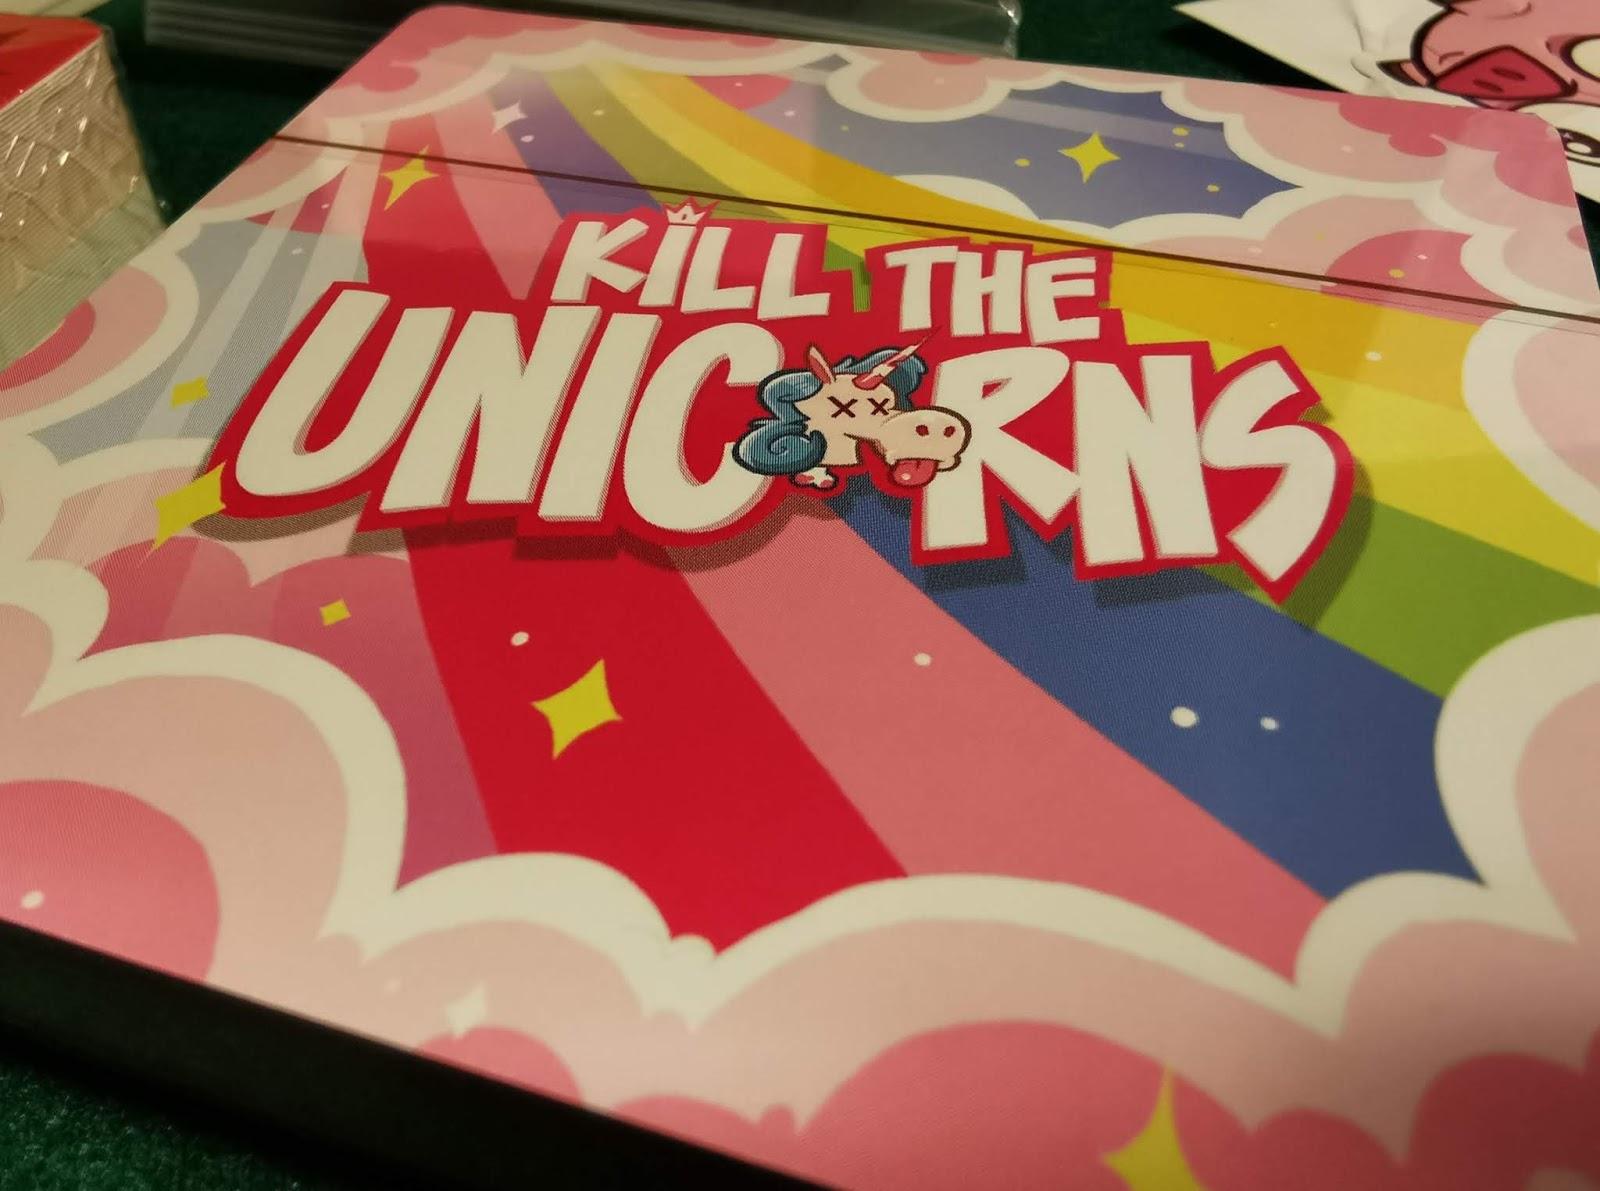 Scatola Kill the Unicorns